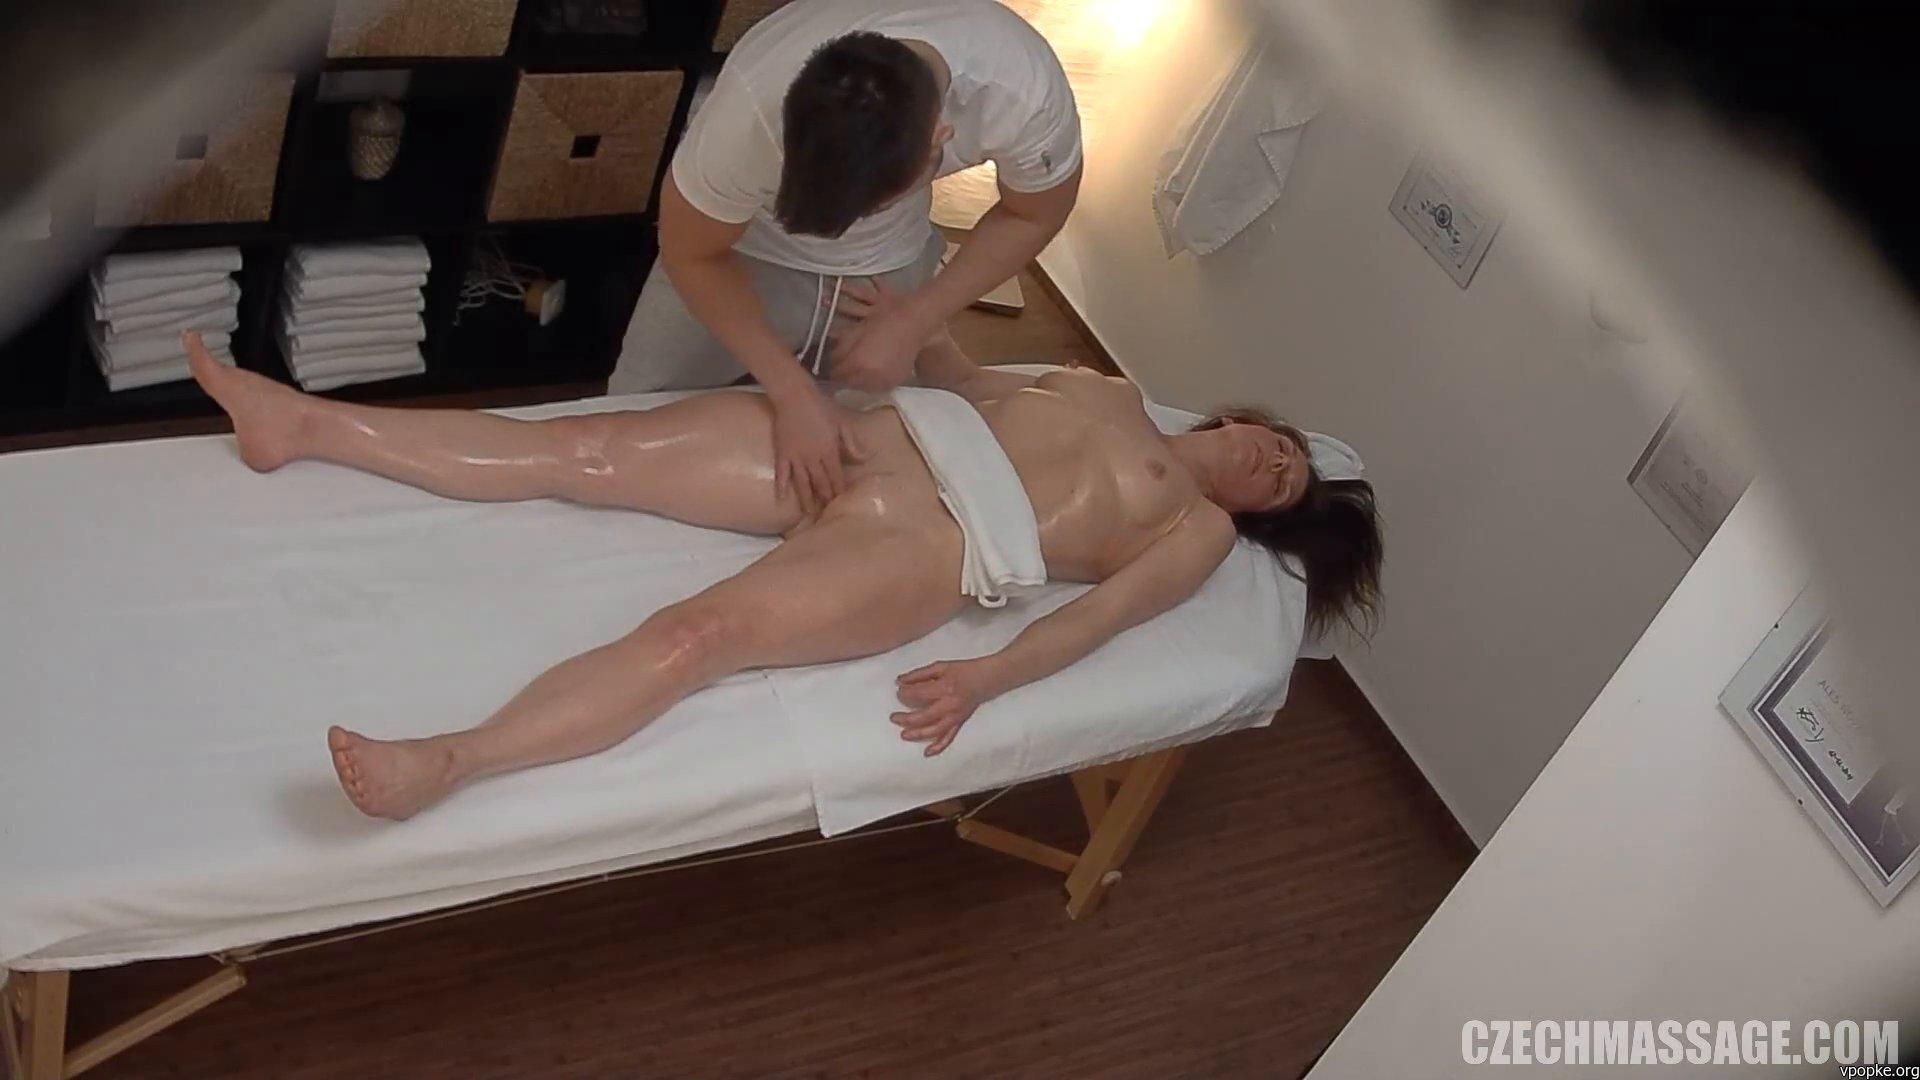 Вип массаж скрытая камера ххх, глупышку развели на групповушку